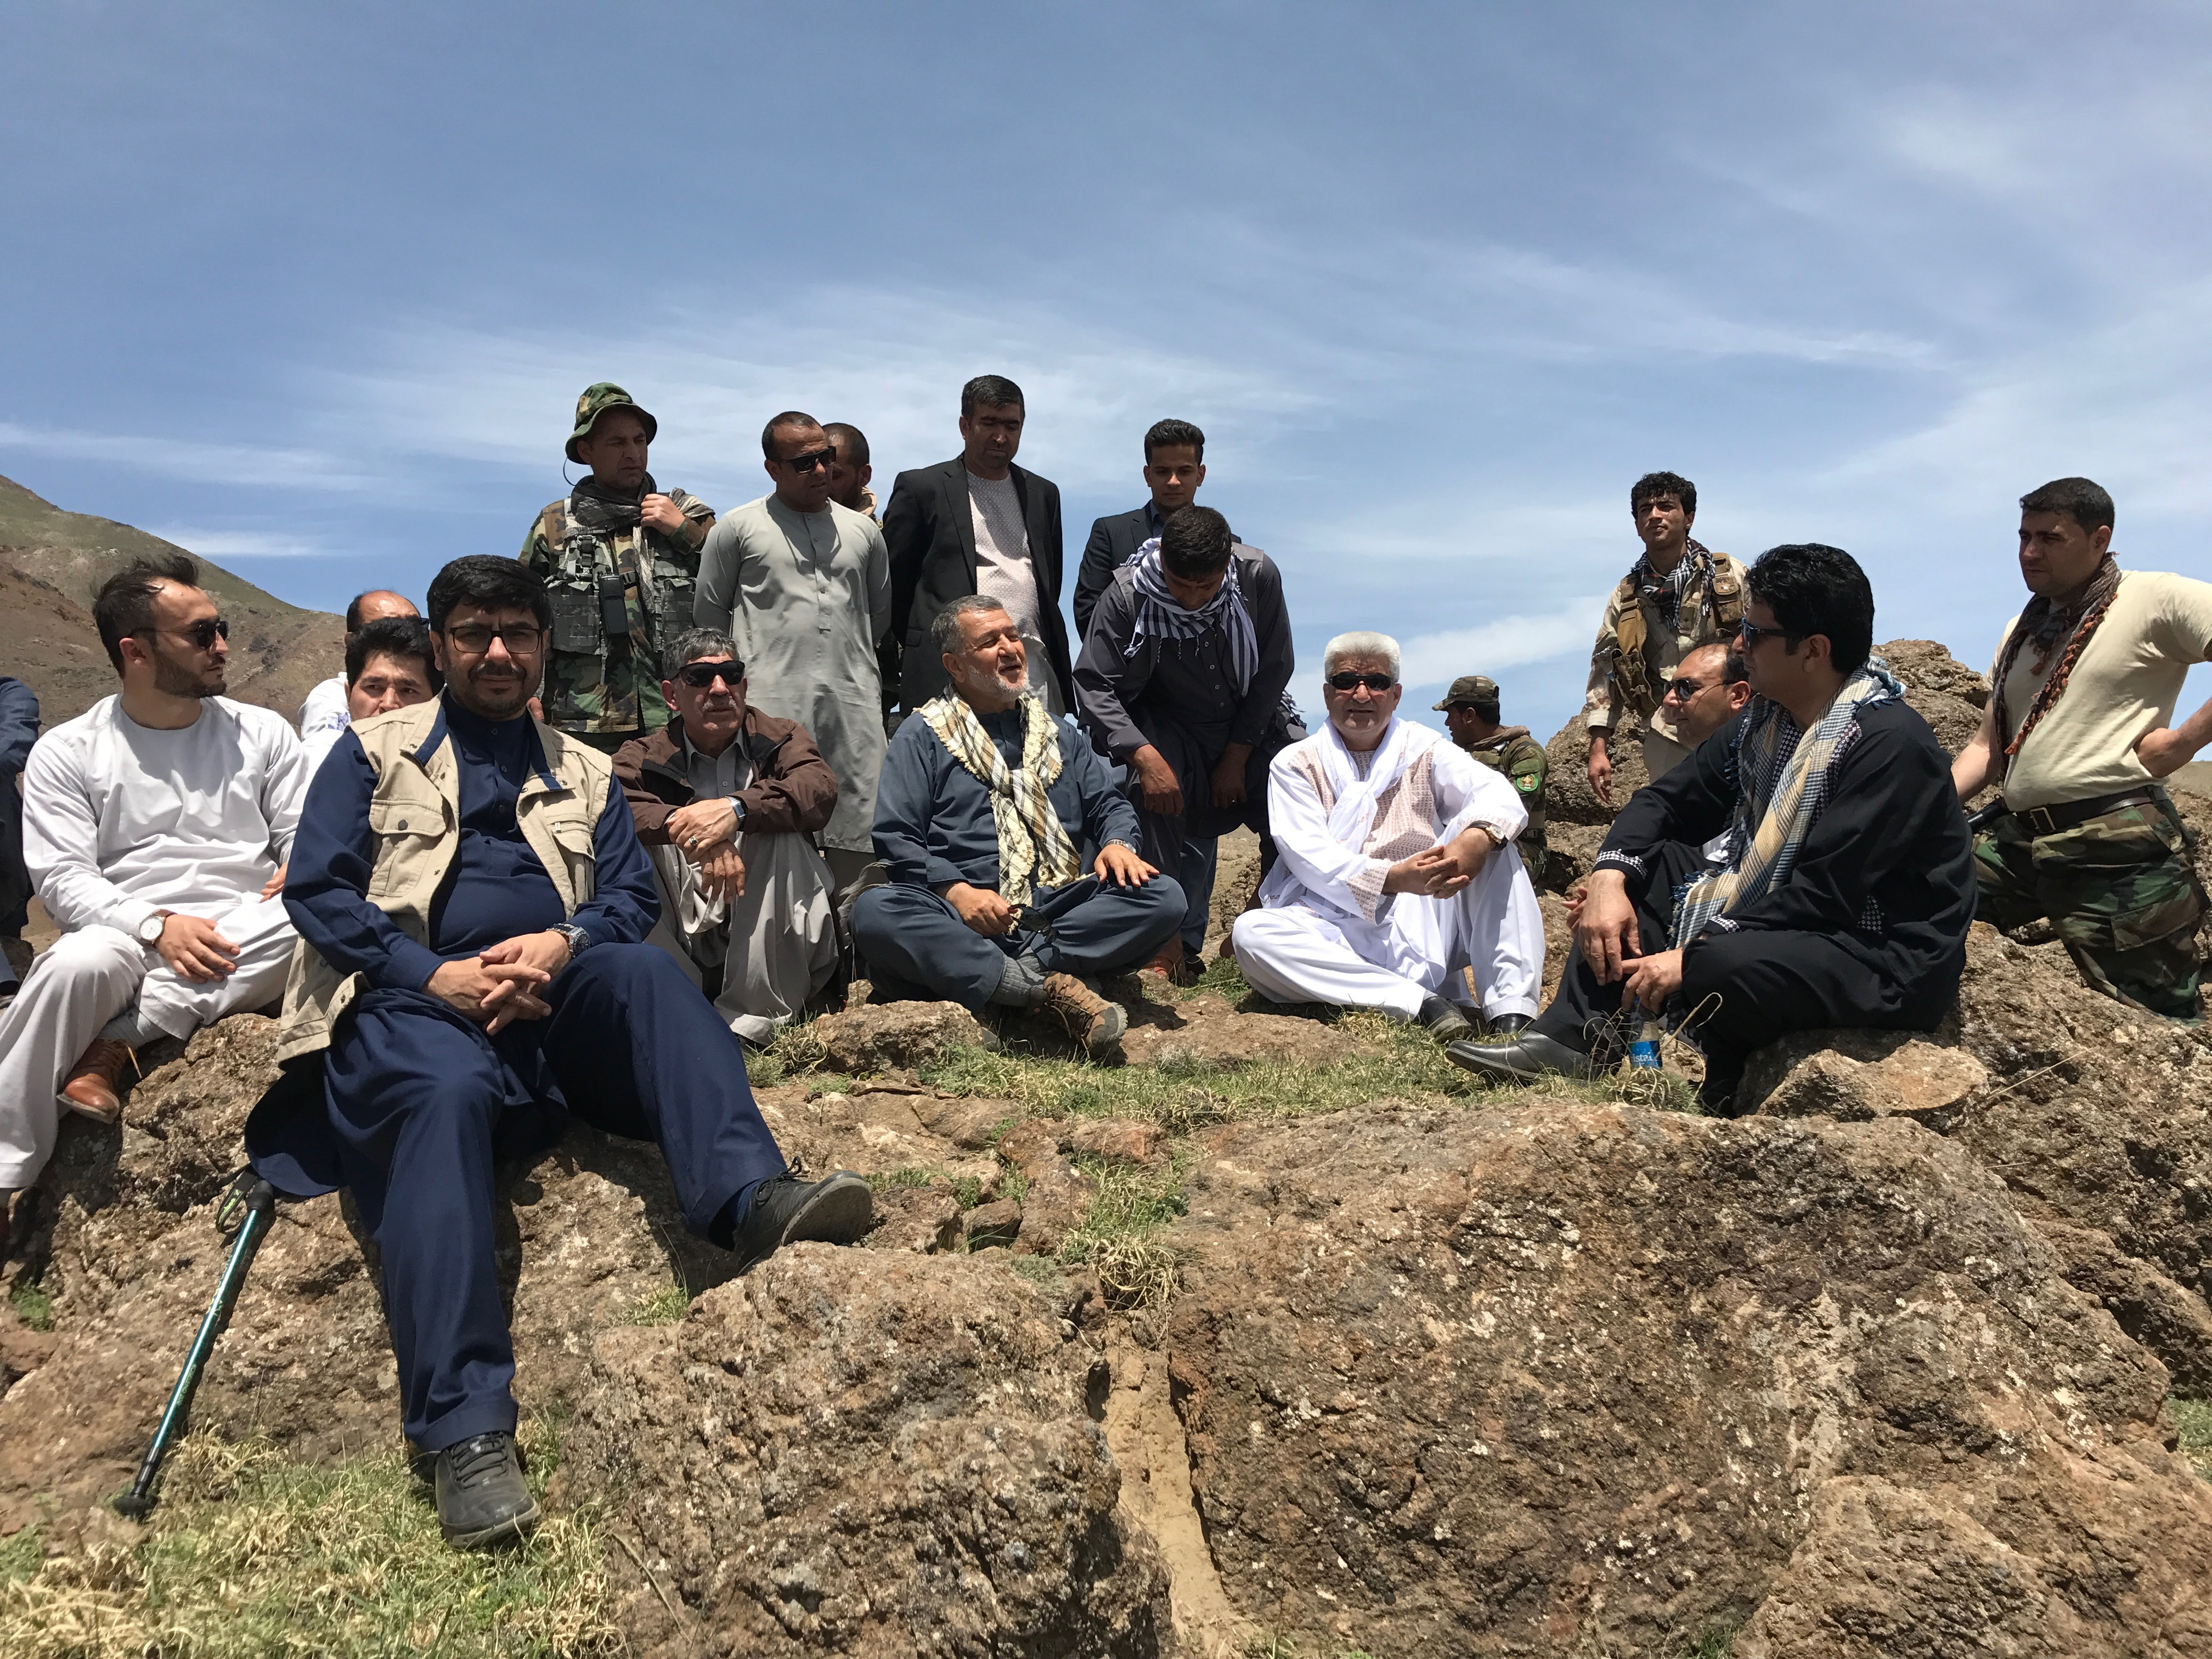 با محترم بسم الله محمد وزیر پیشین دفاع بر فراز تپههای گلبهار